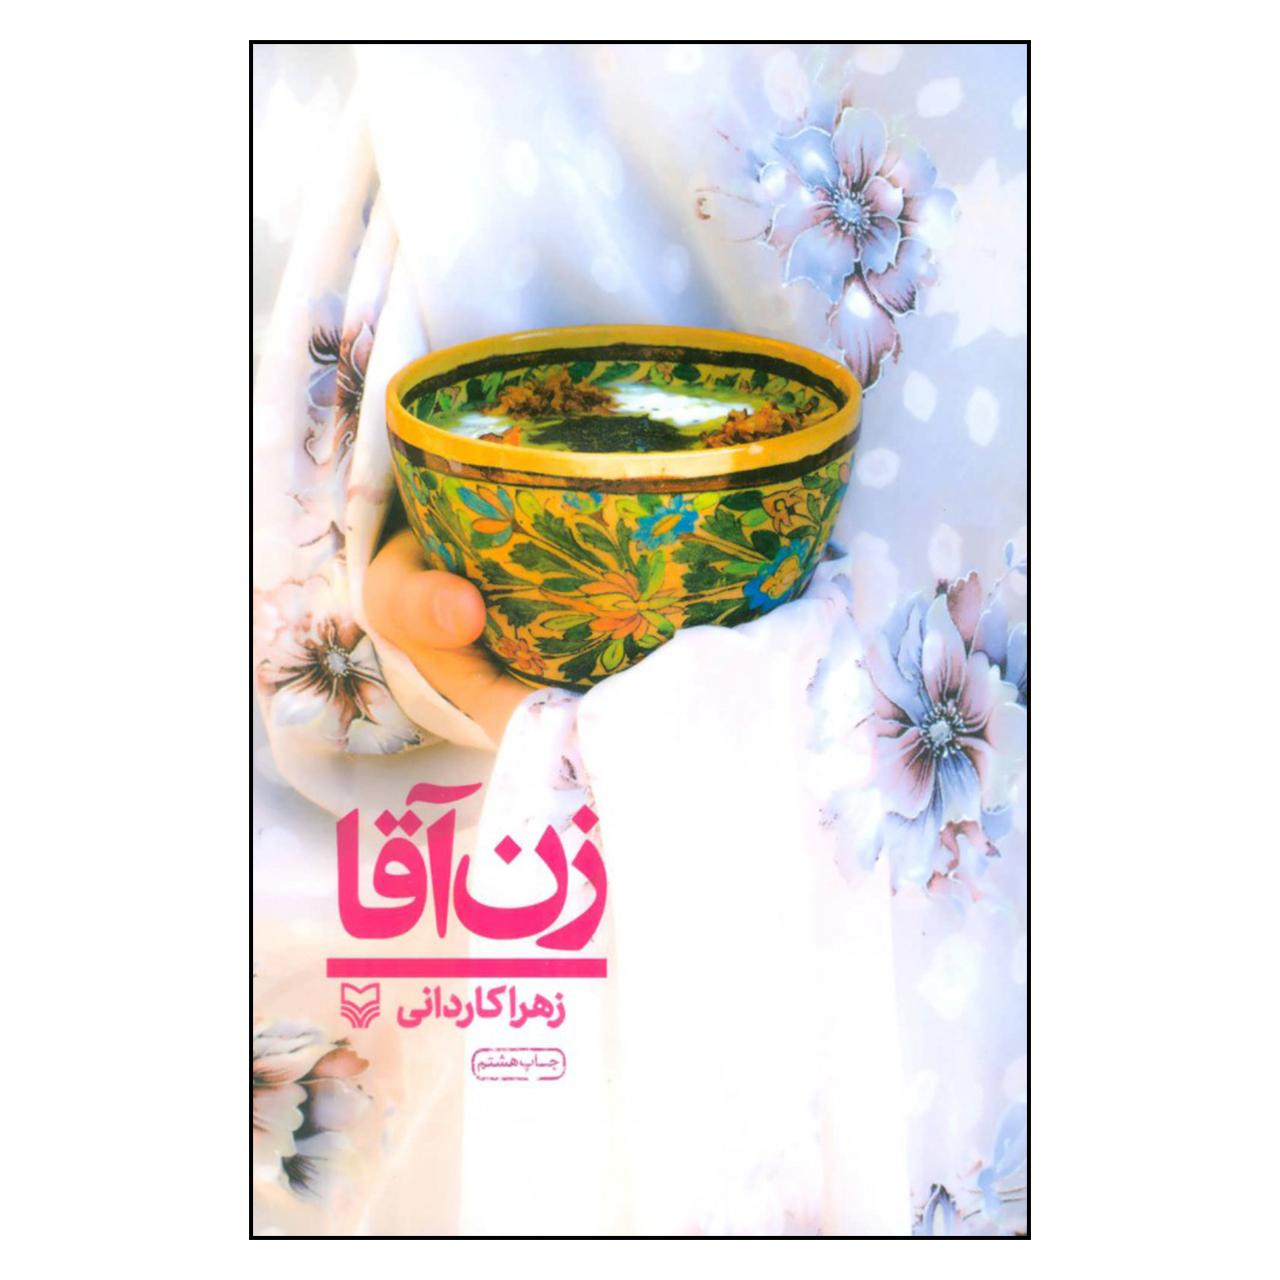 کتاب زن آقا اثر زهرا کاردانی انتشارات سوره مهر